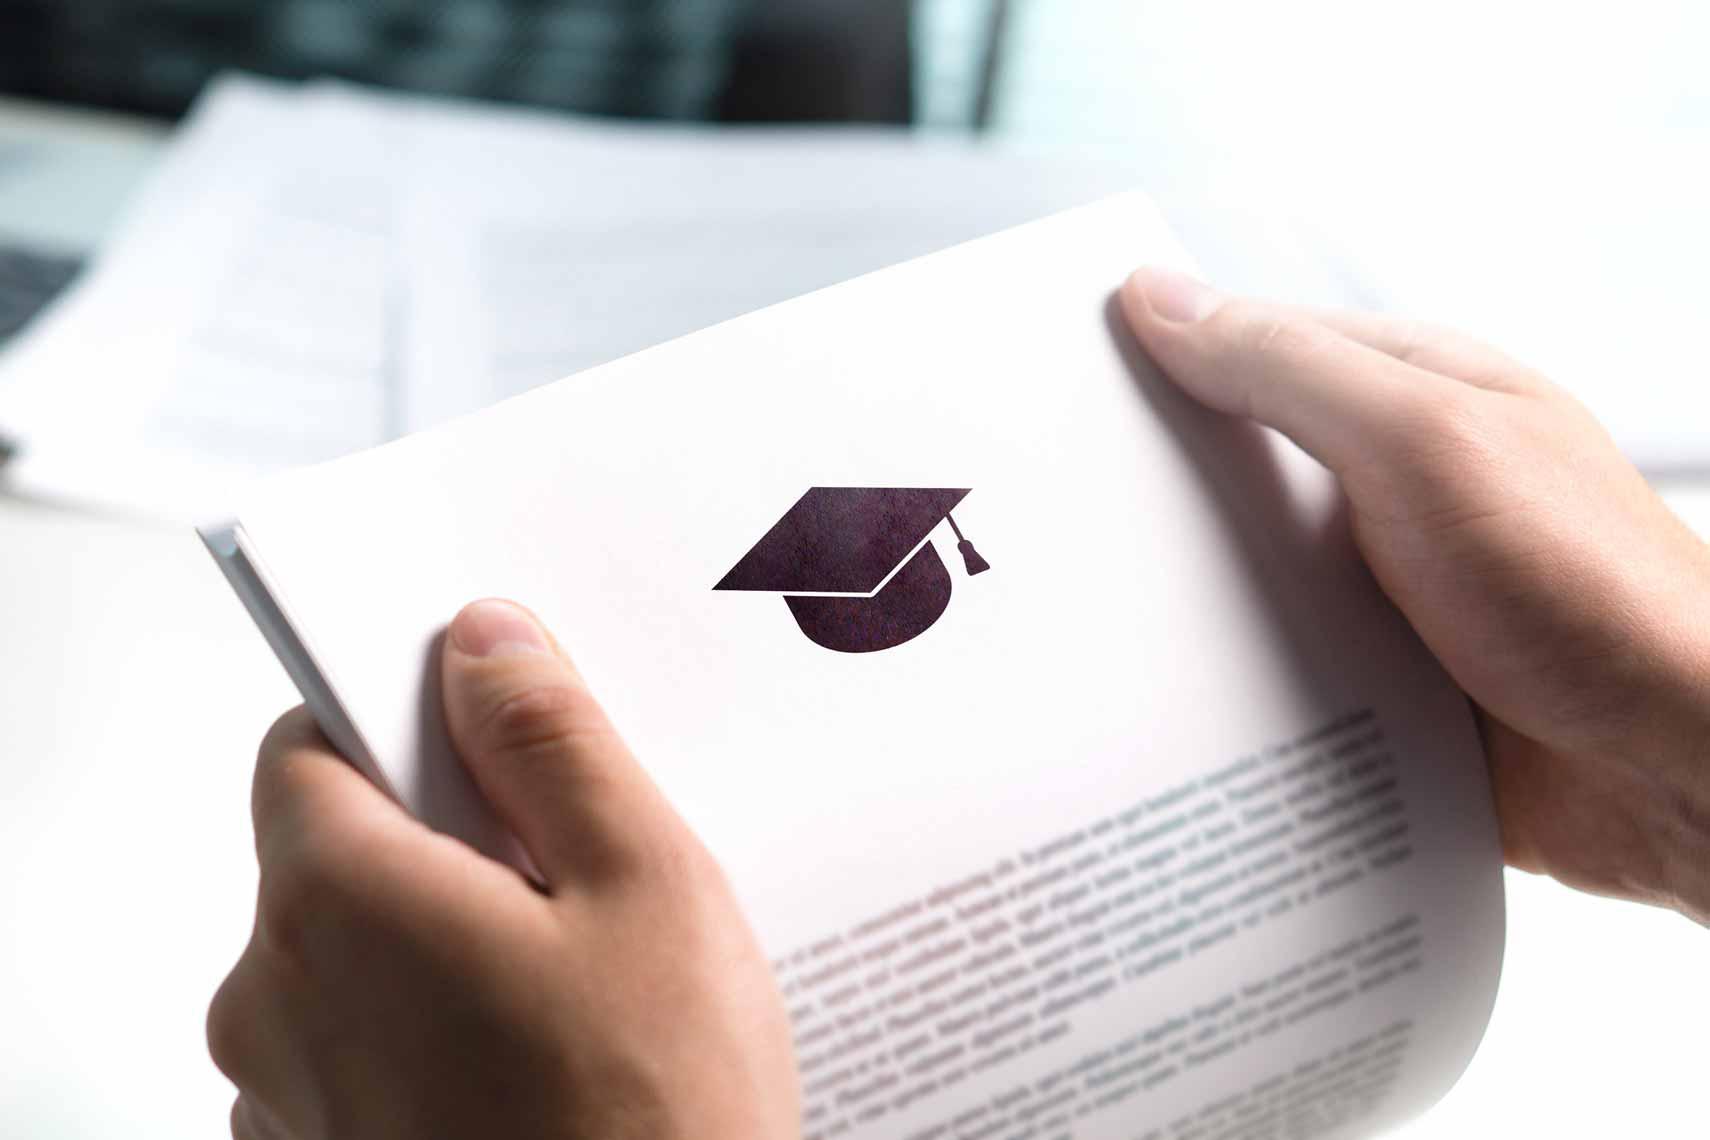 Zwei Hände halten ein Dokument auf dem ein Doktorhut gedruckt ist.